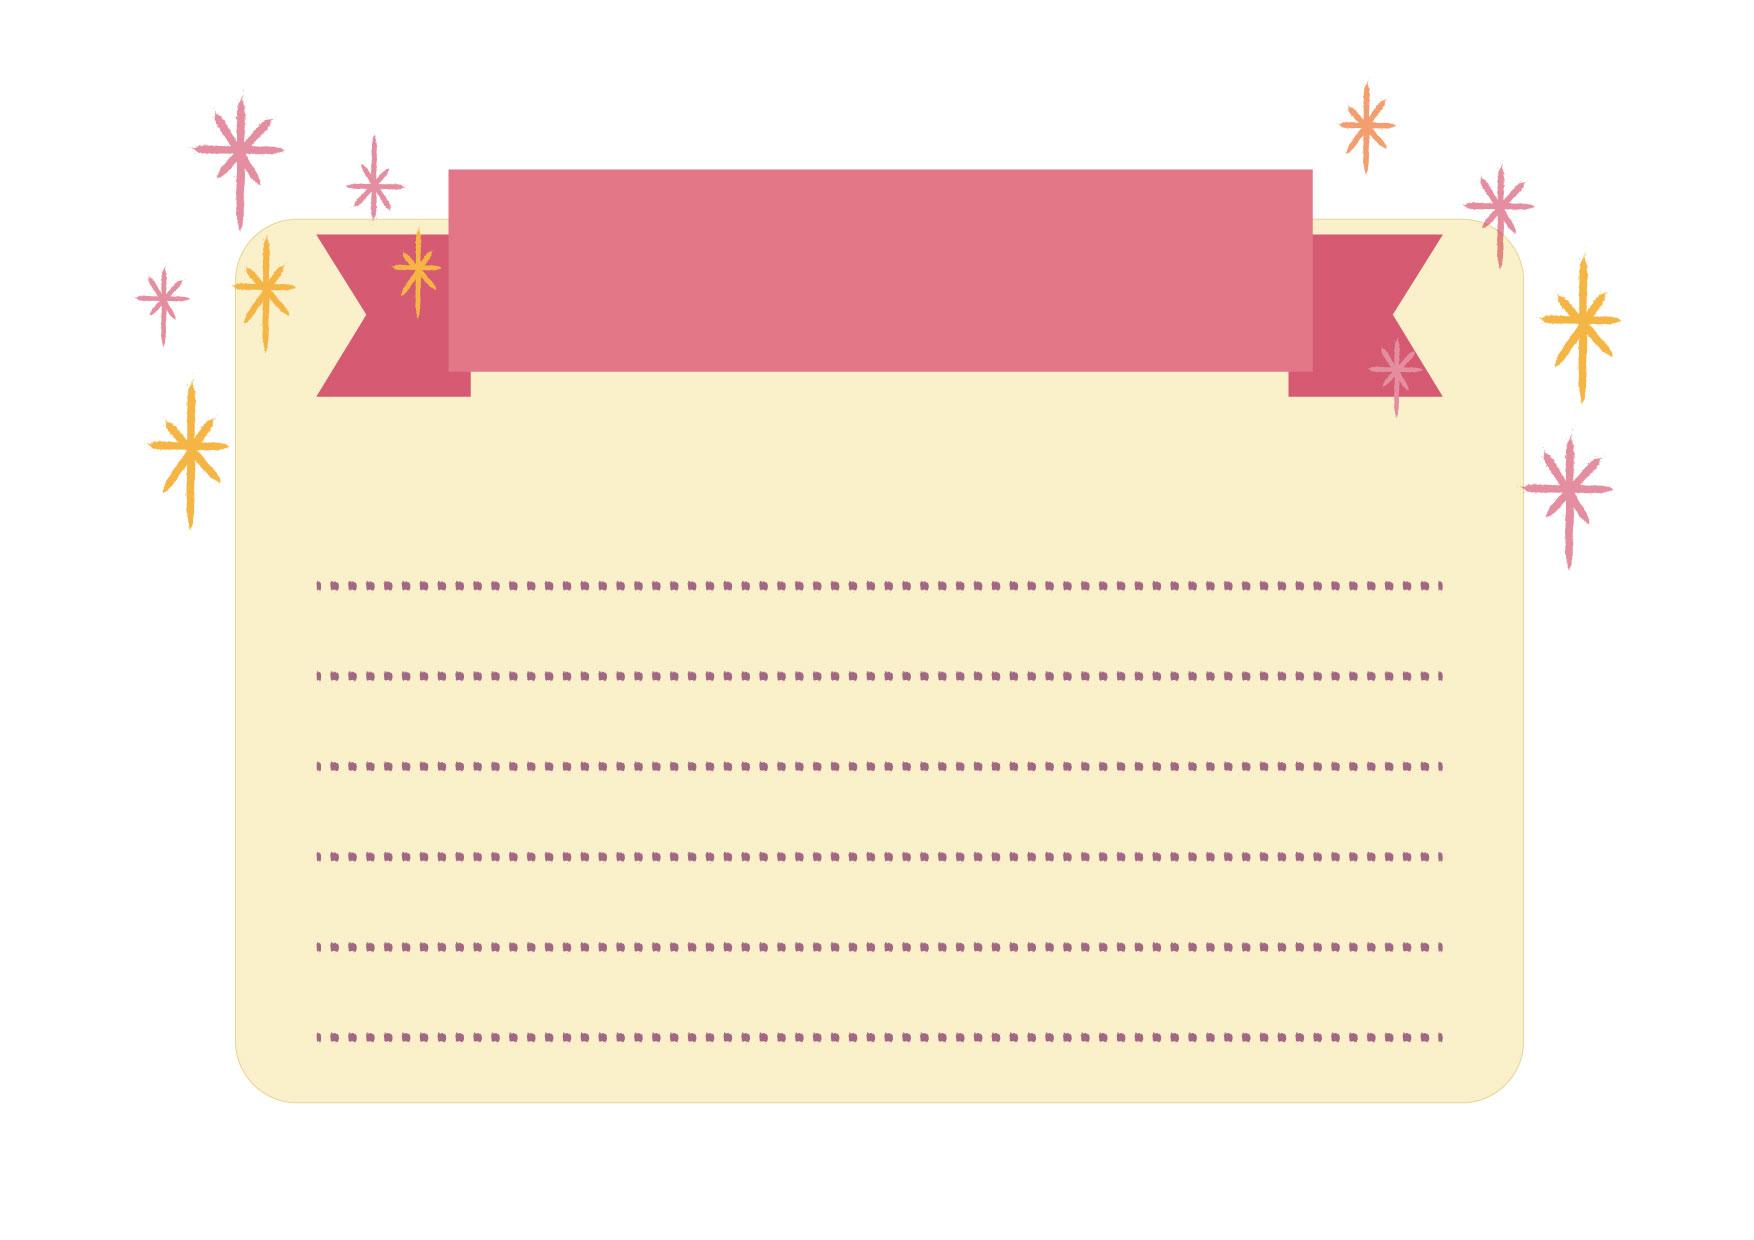 可愛いイラスト無料|ノート リボン ピンク 背景 − free illustration Notebook ribbon pink background